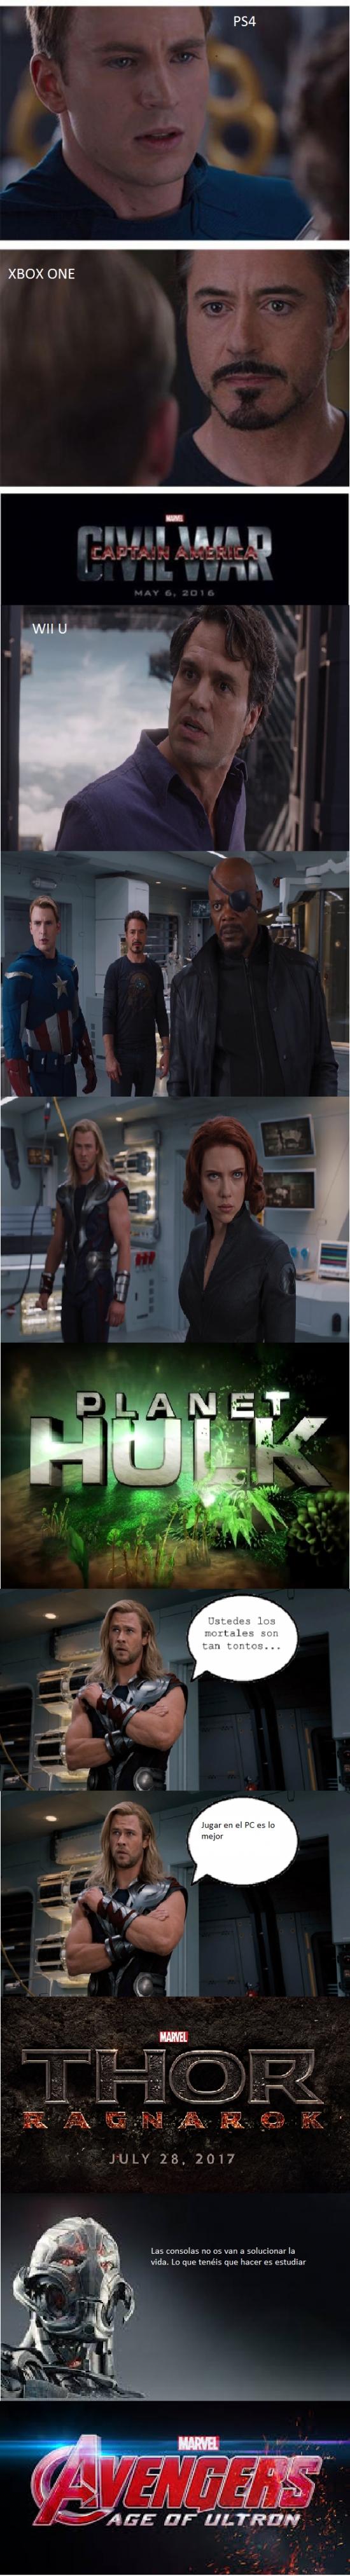 Meme_otros - La guerra de las consolas con los personajes de Marvel